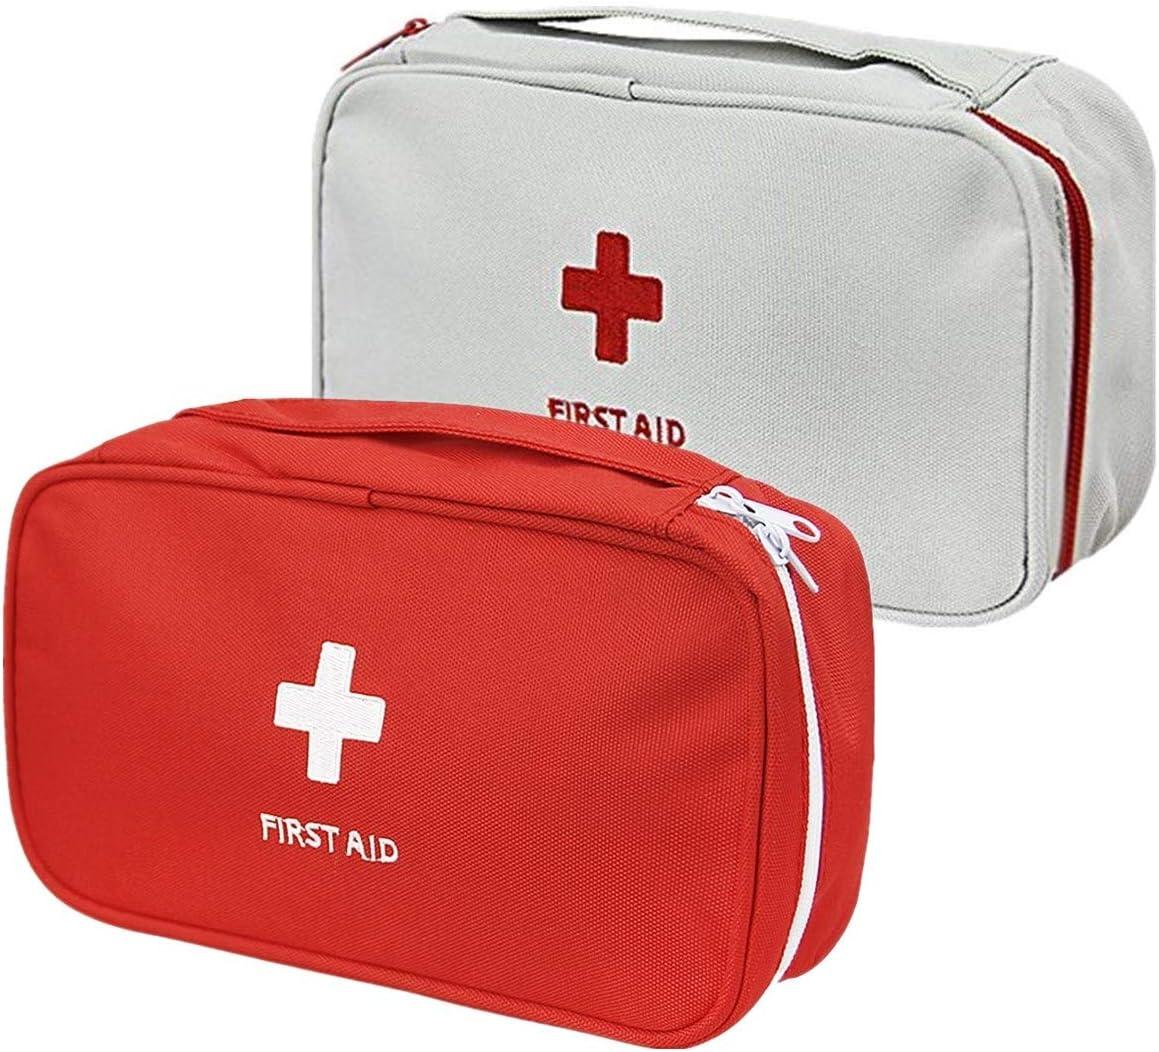 Rouge et Gris 2, Rouge et Gris Lot de 2 Trousses /à pharmacien en Nylon imperm/éable Couleur